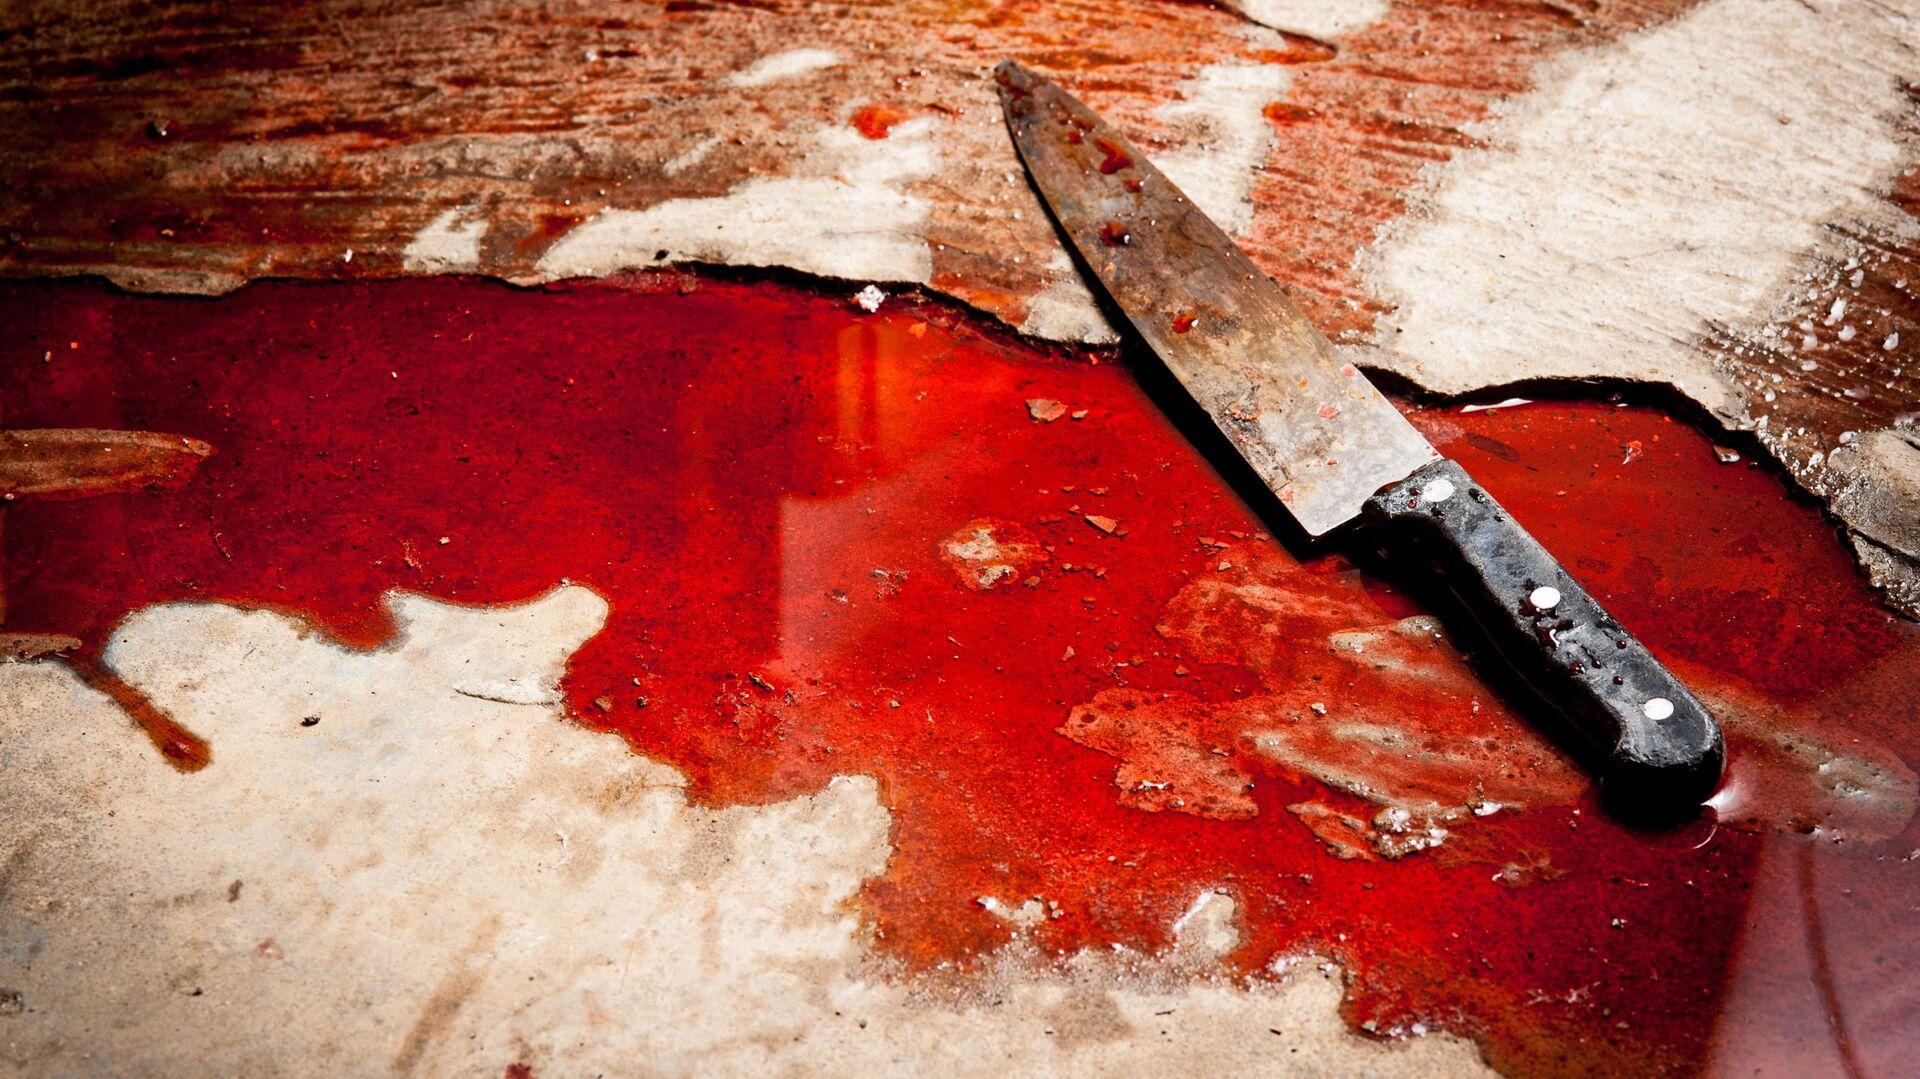 Nóż w krwi - Sputnik Polska, 1920, 17.05.2021